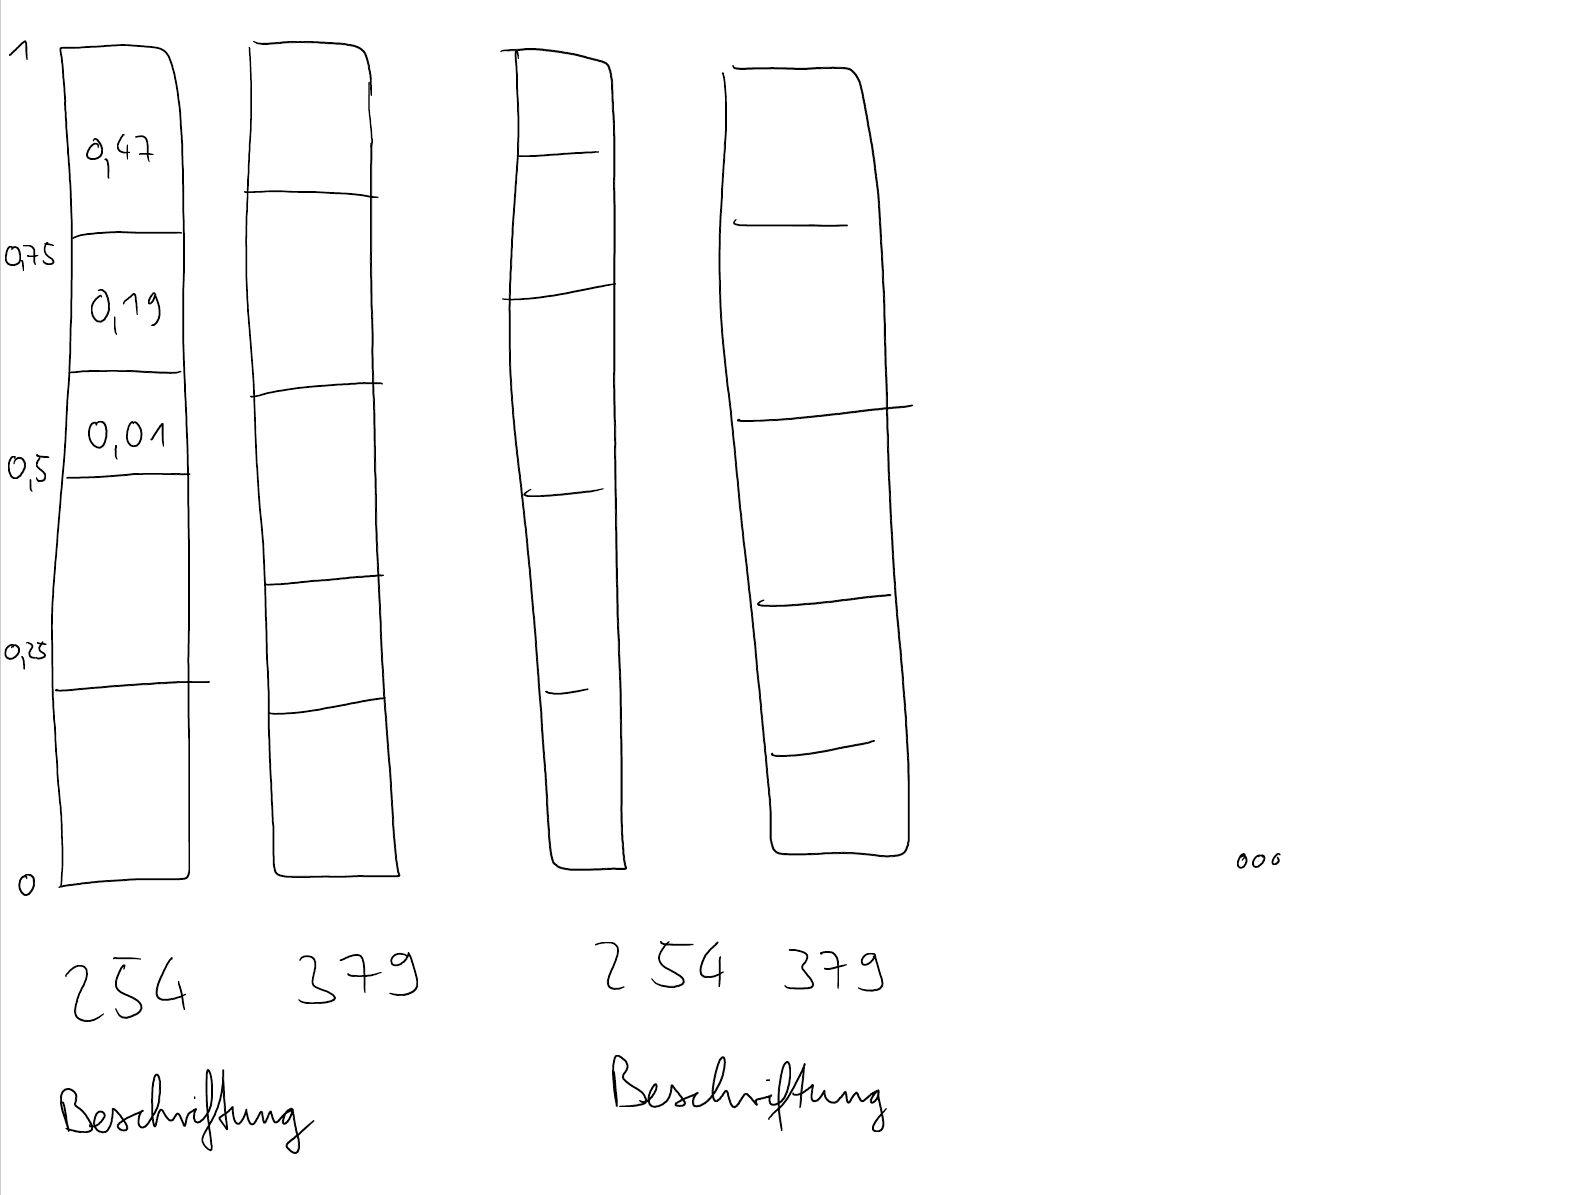 Daten aus mehreren Arbeitsblättern gruppiert in einem gest ...